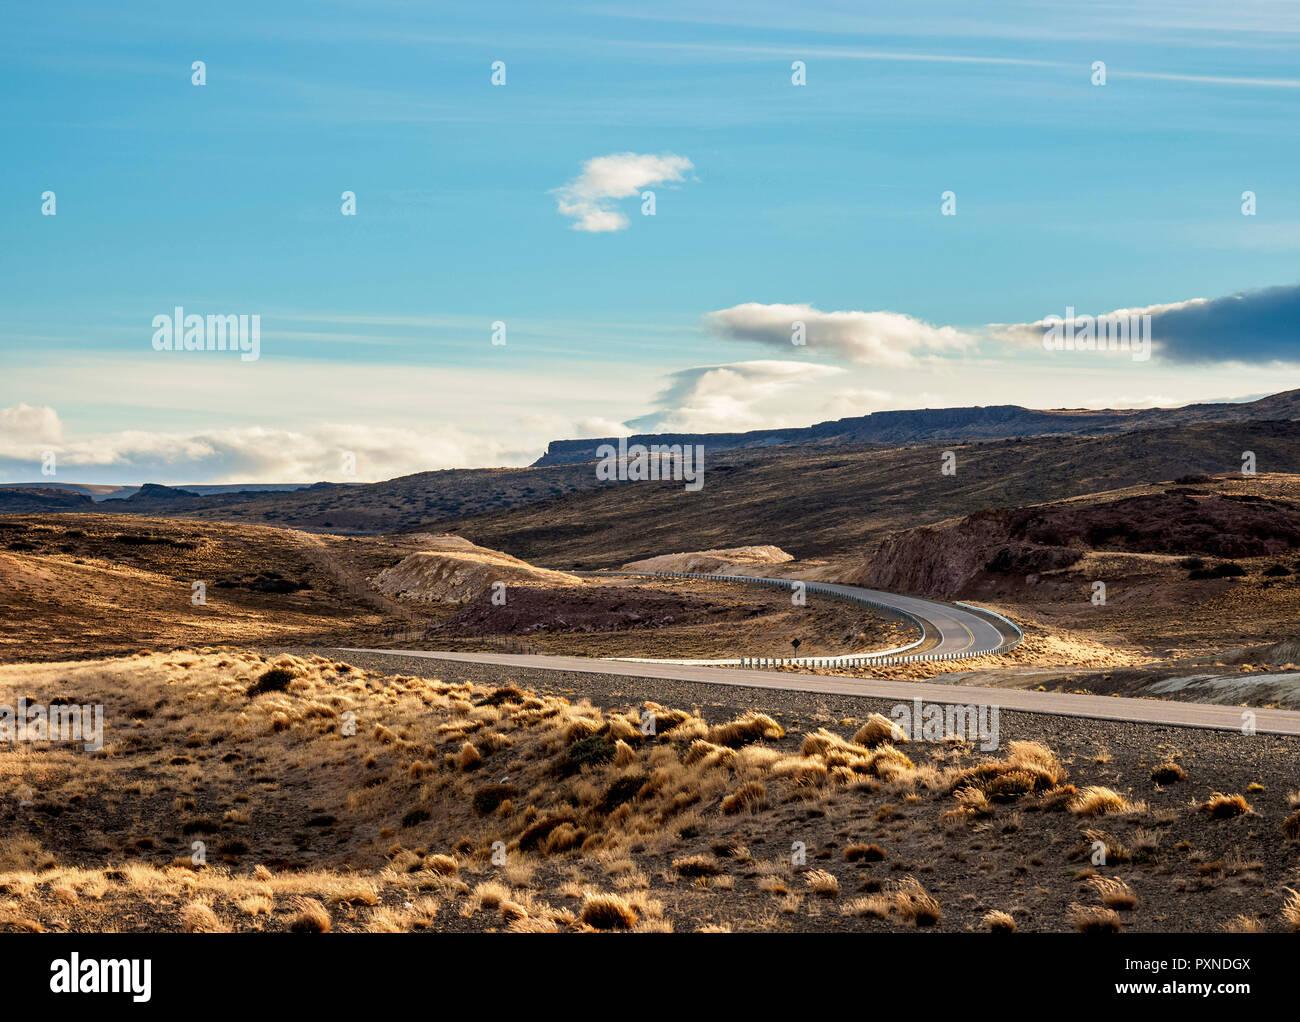 Ruta 40 vicino al Perito Moreno città, Santa Cruz Provincia, Patagonia, Argentina Immagini Stock